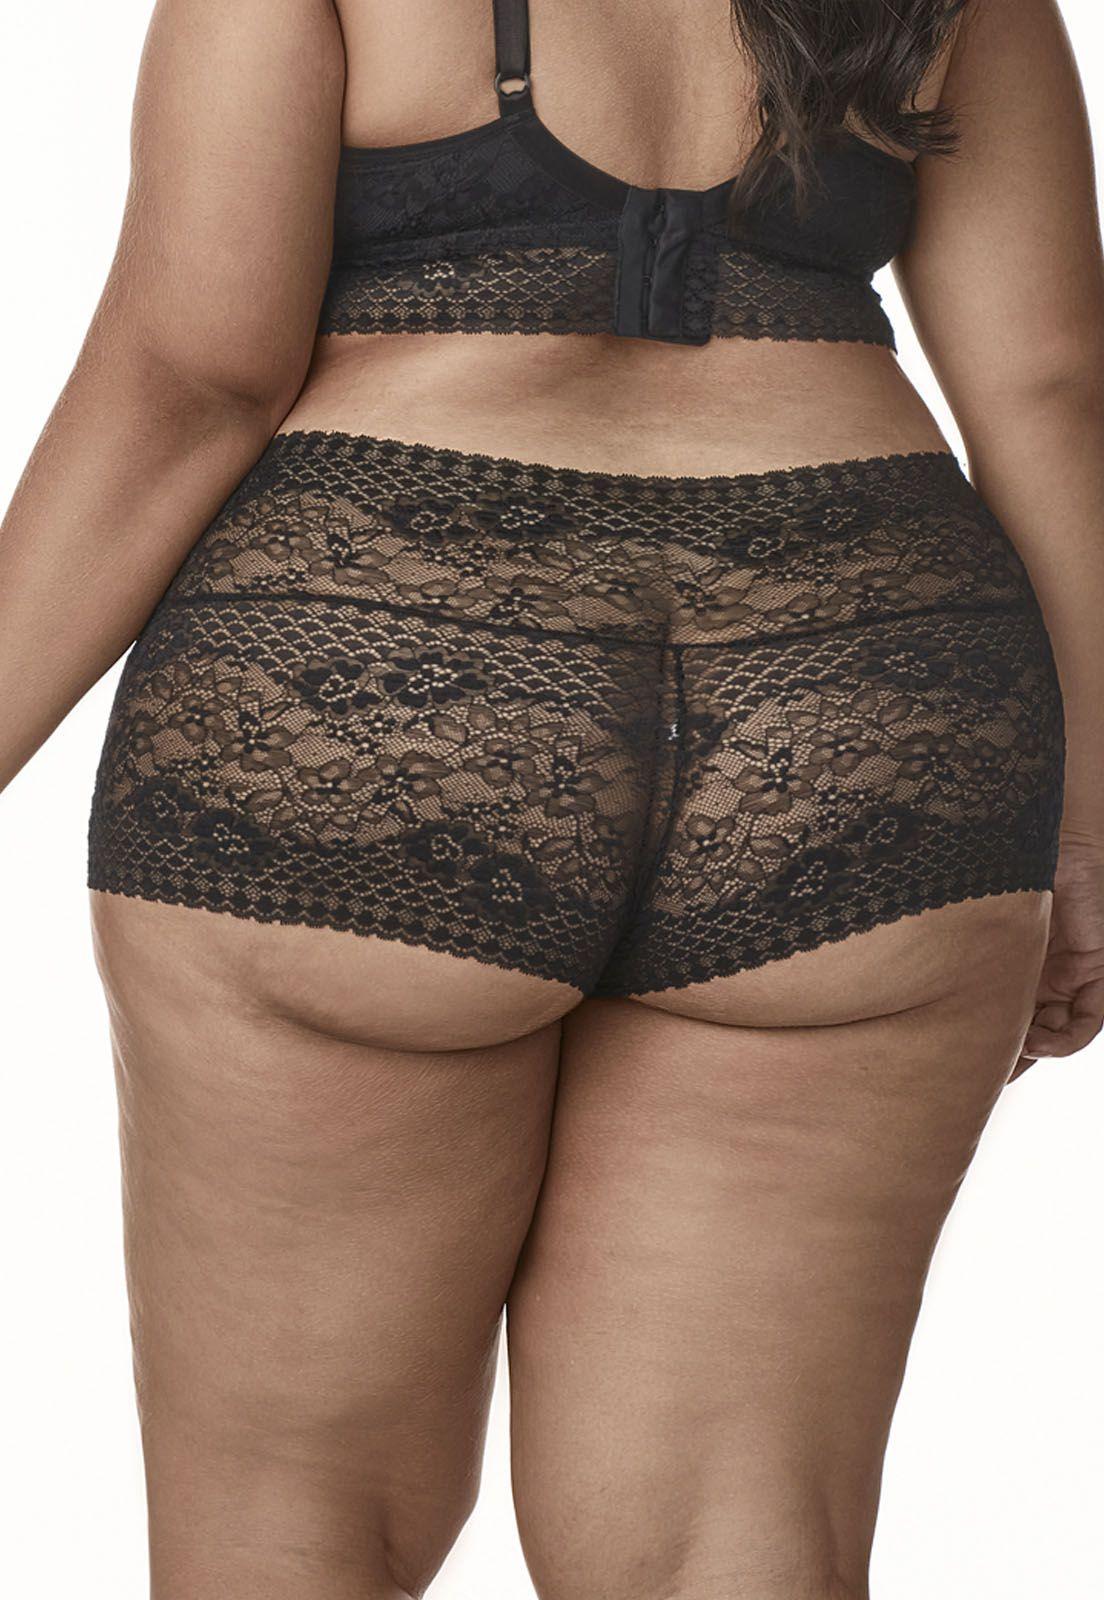 Calecon Rendado - Dukley lingerie - Plus - 181